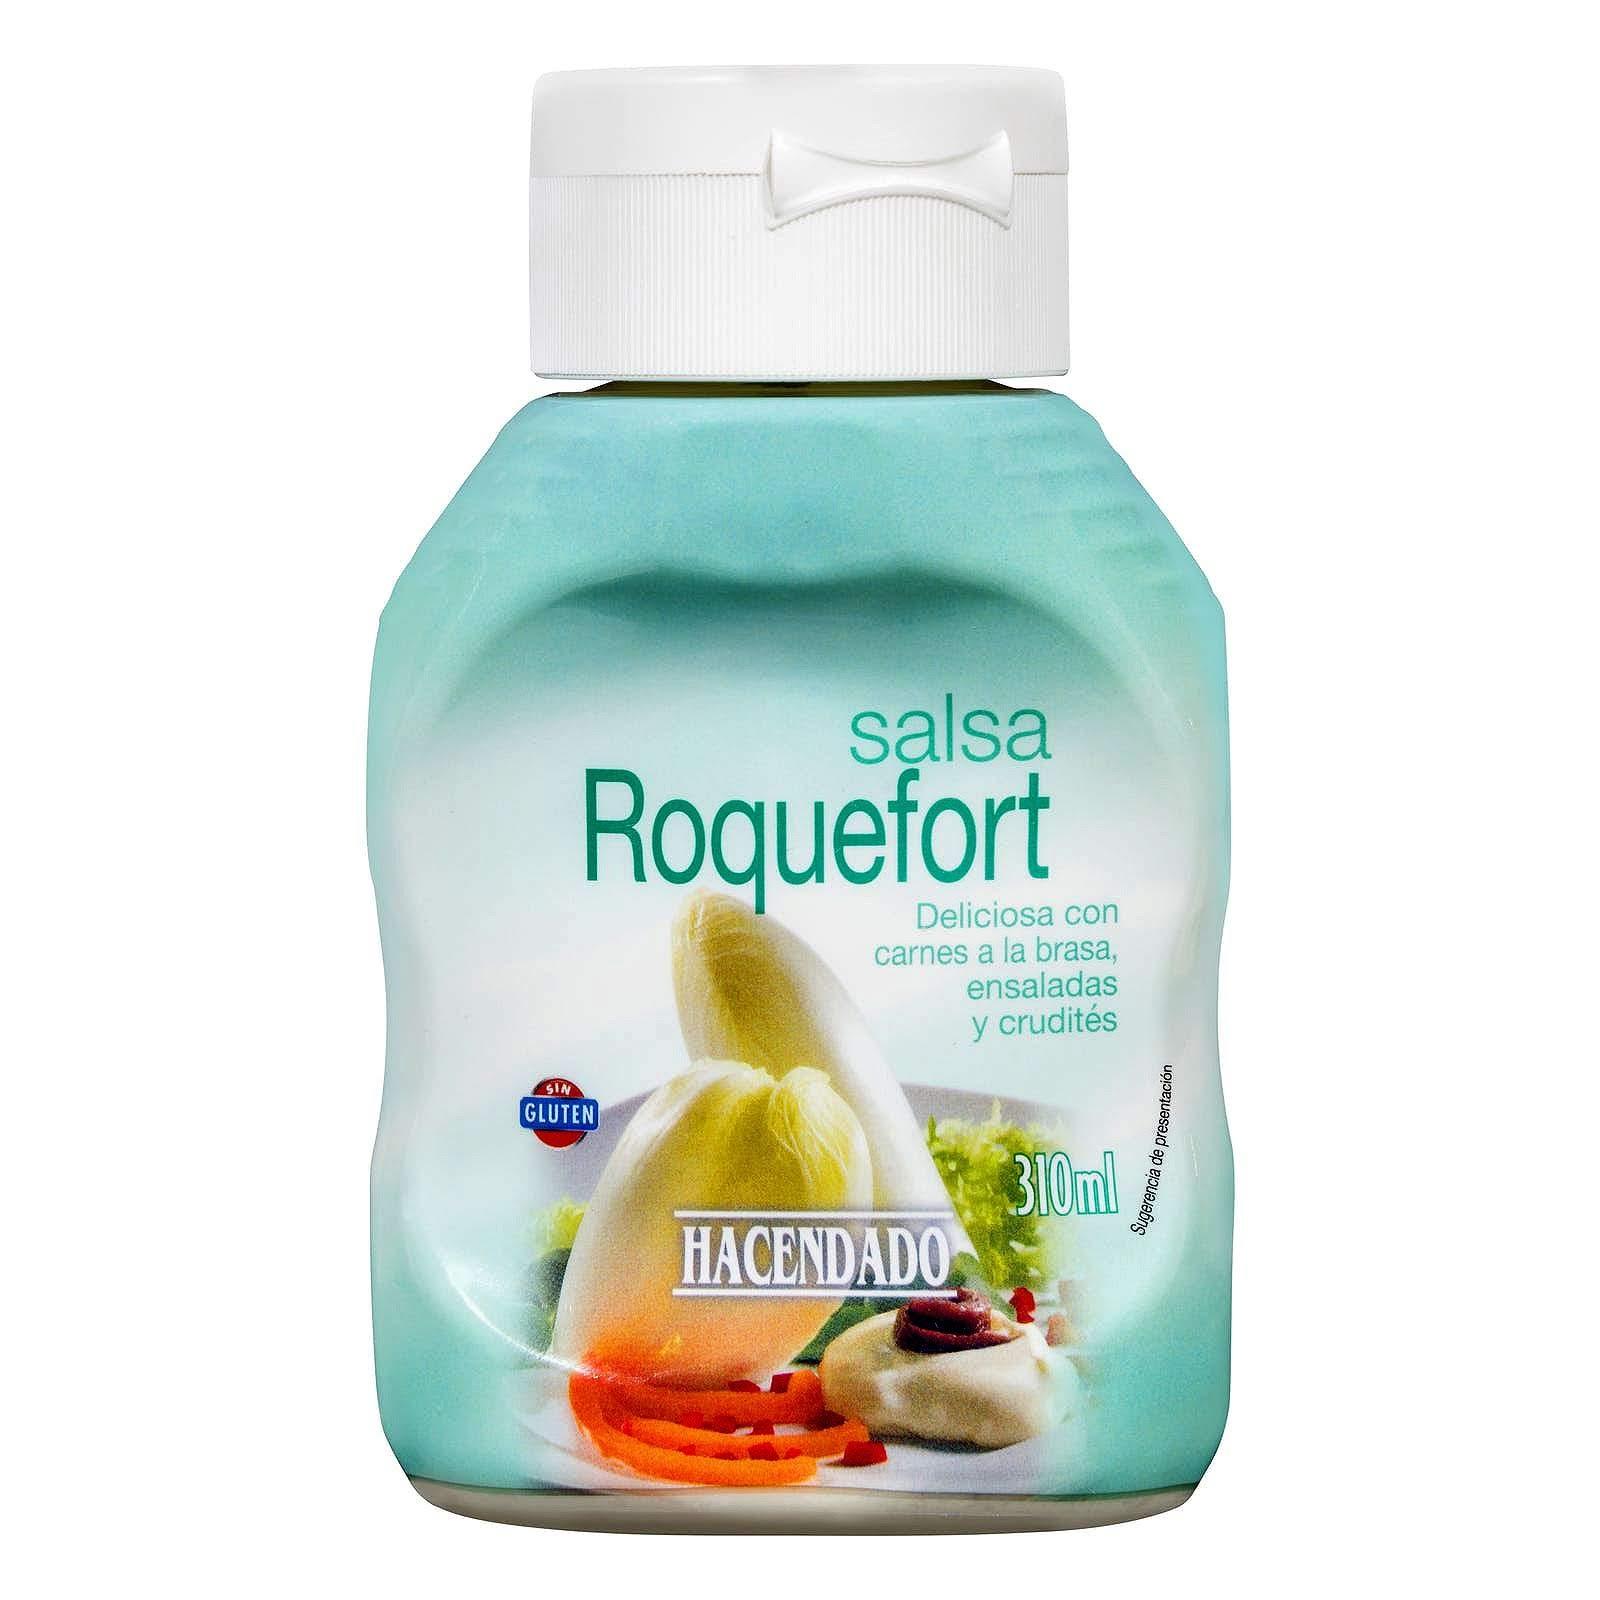 salsa-roquefort-hacendado-mercadona-1